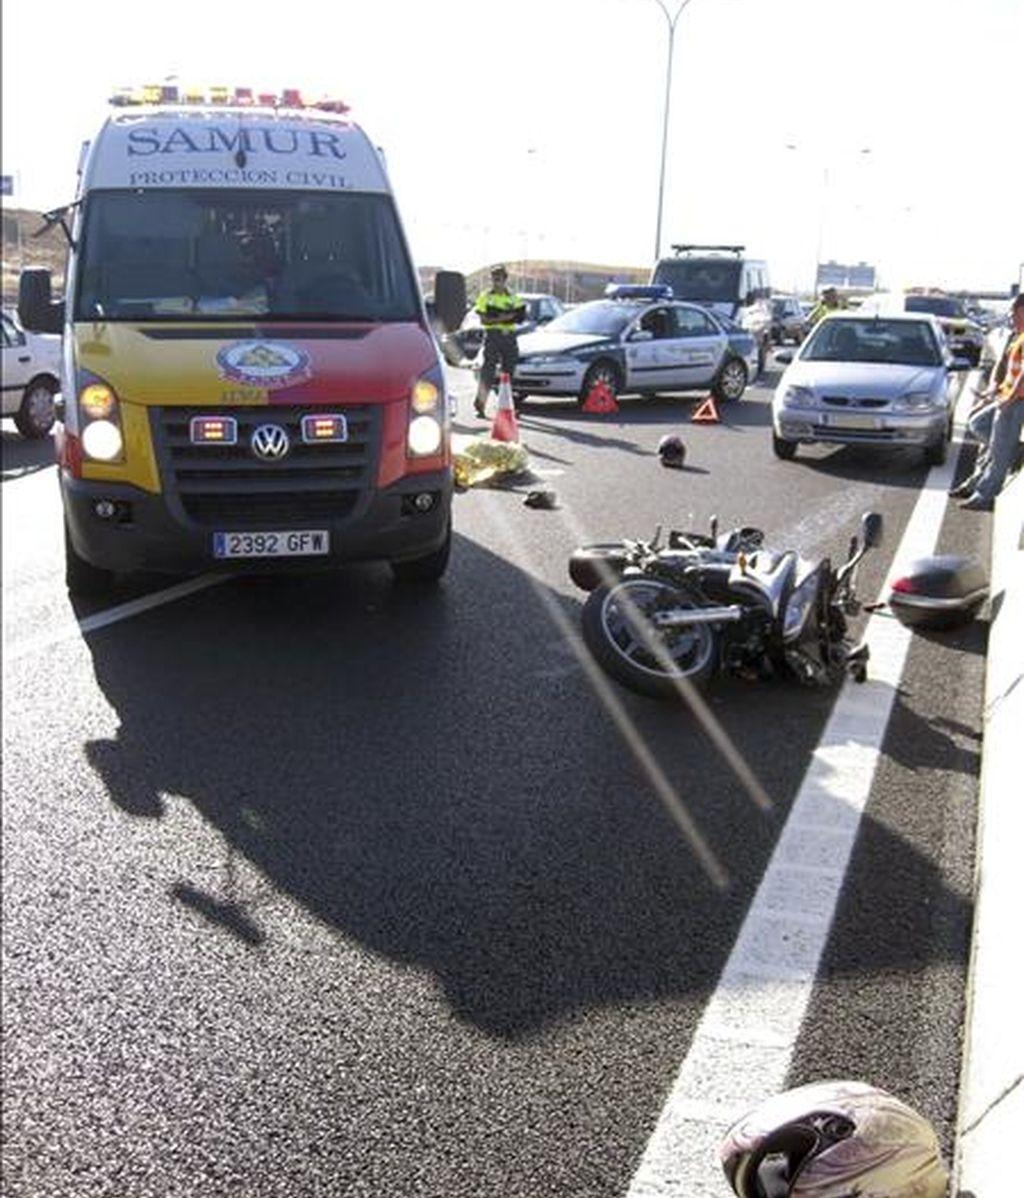 Habrá más controles por parte de la DGT a los motoristas. Video: Informativos Telecinco.